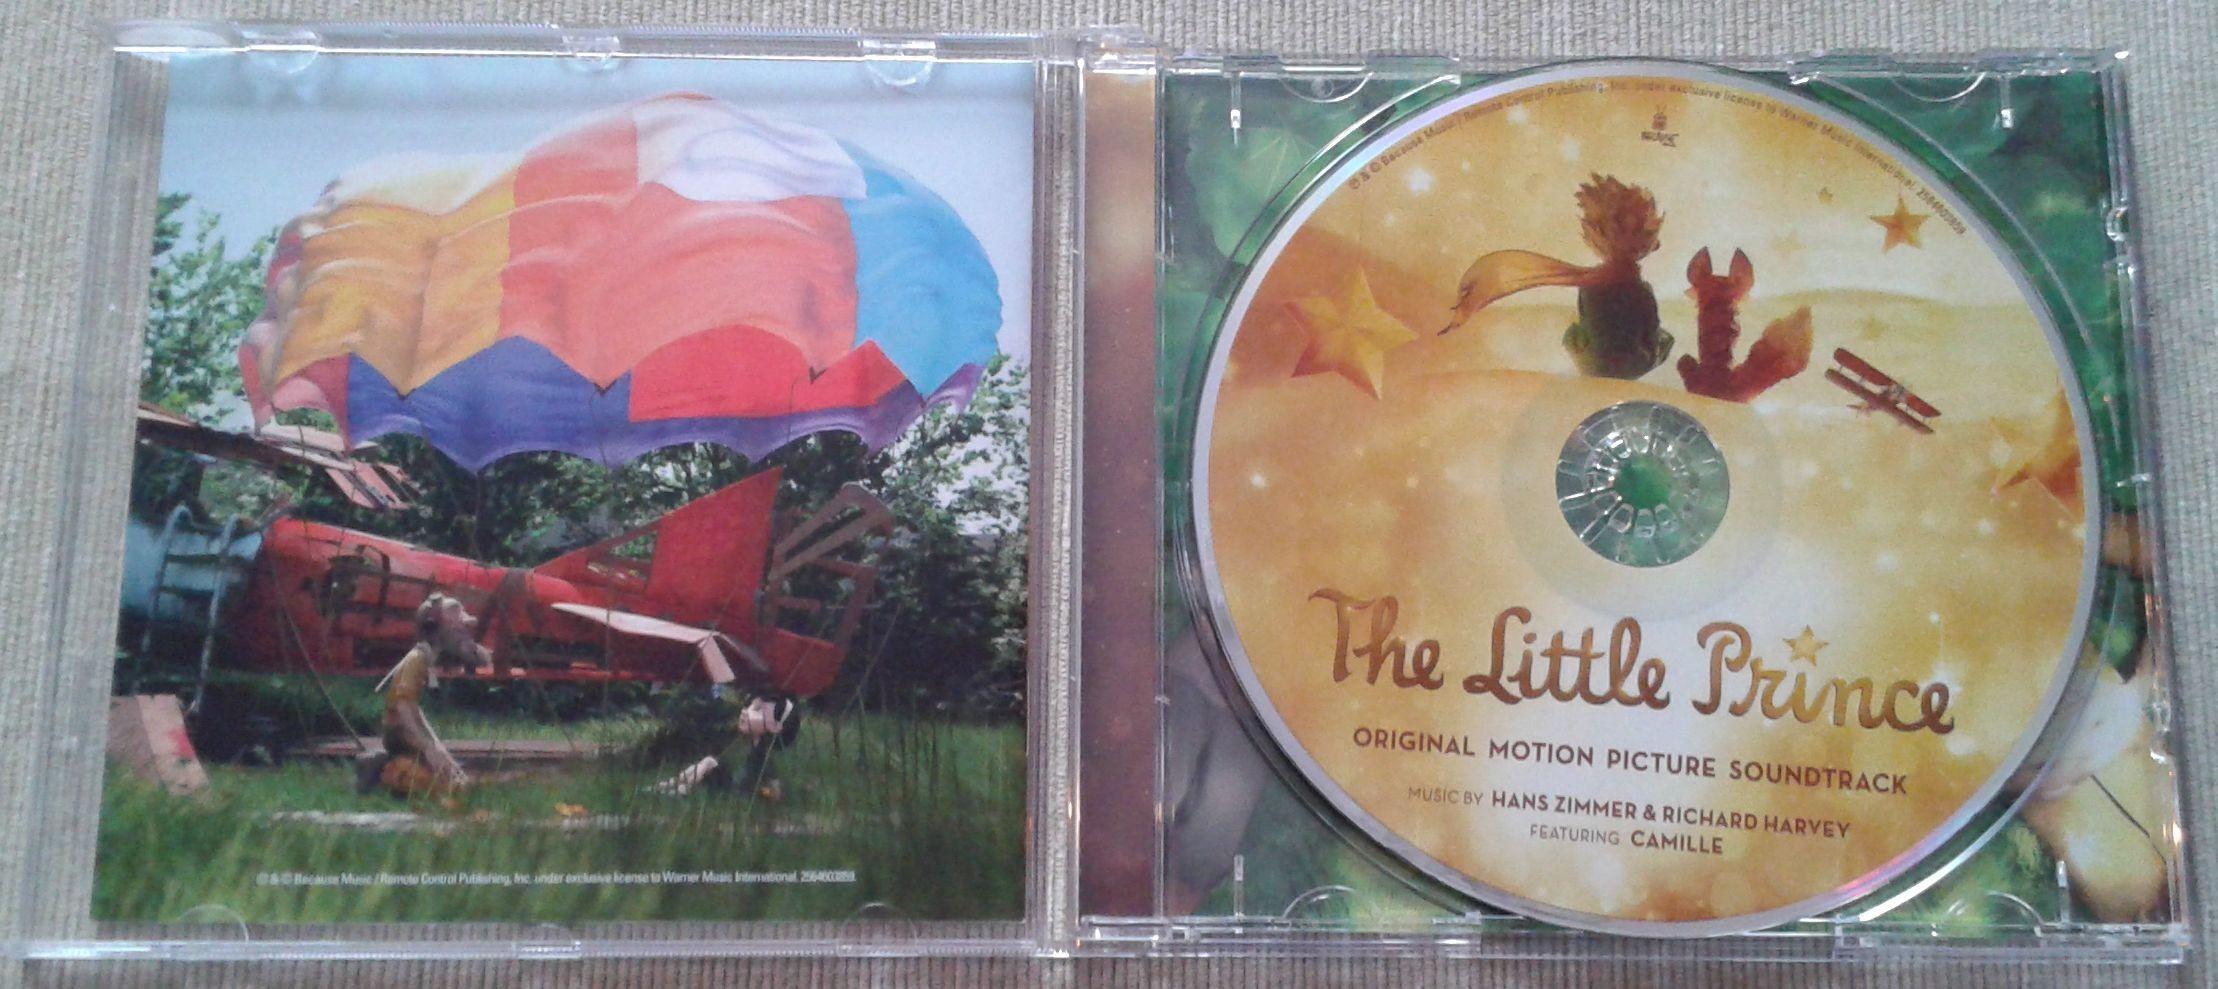 3. The Little Prince środek z płytą.jpg